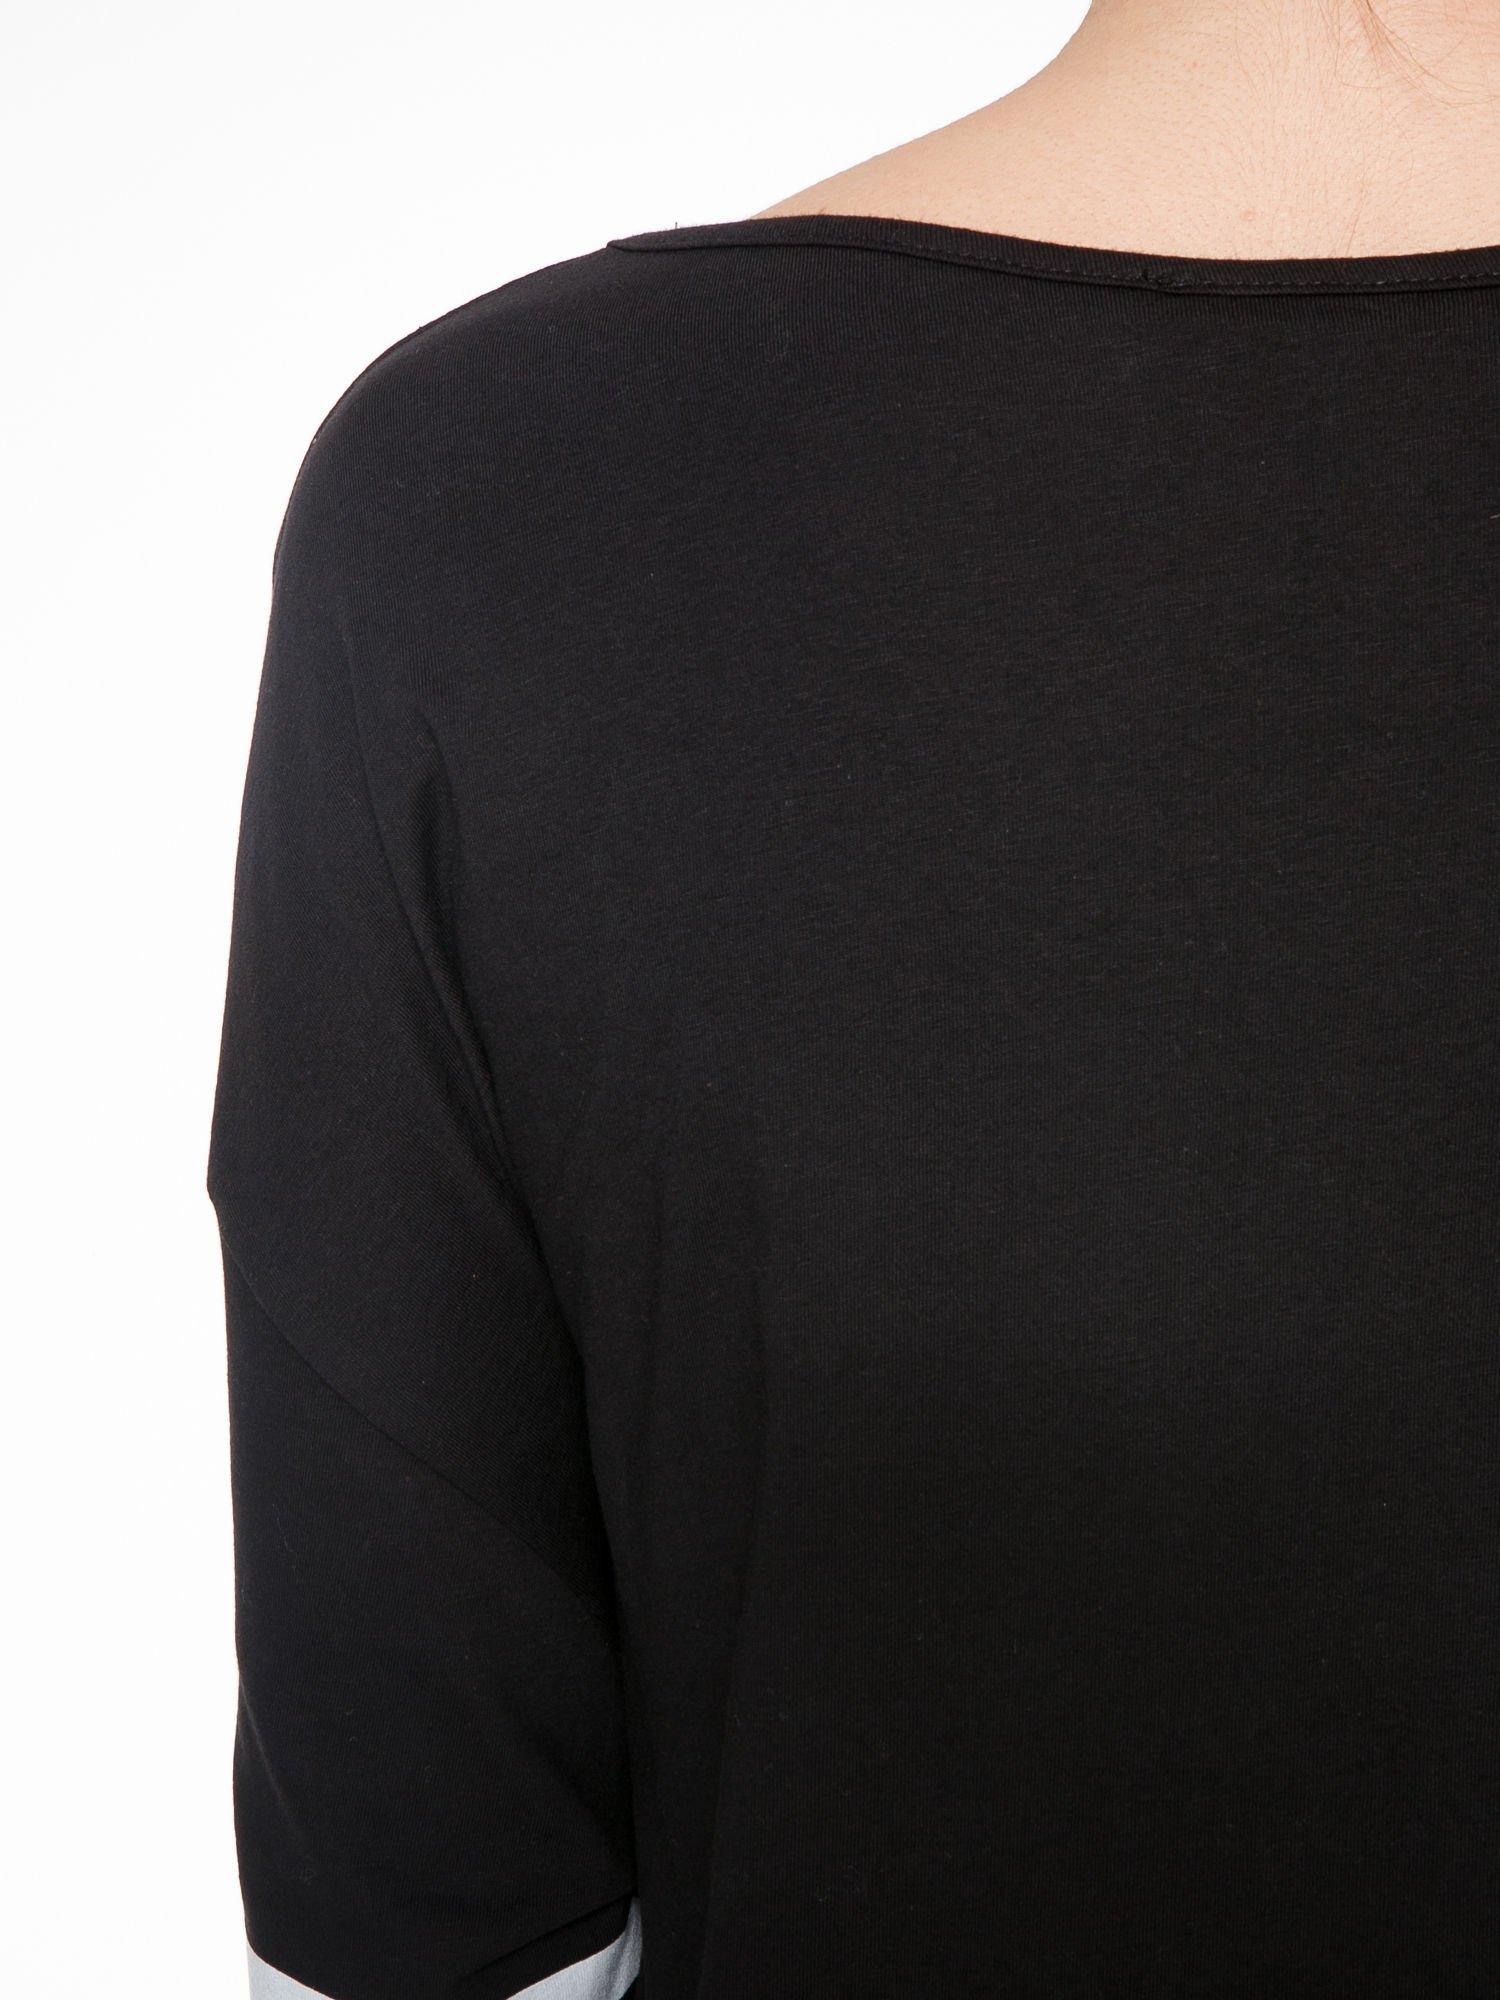 Czarna sukienka z numerem w stylu baseball dress                                  zdj.                                  7